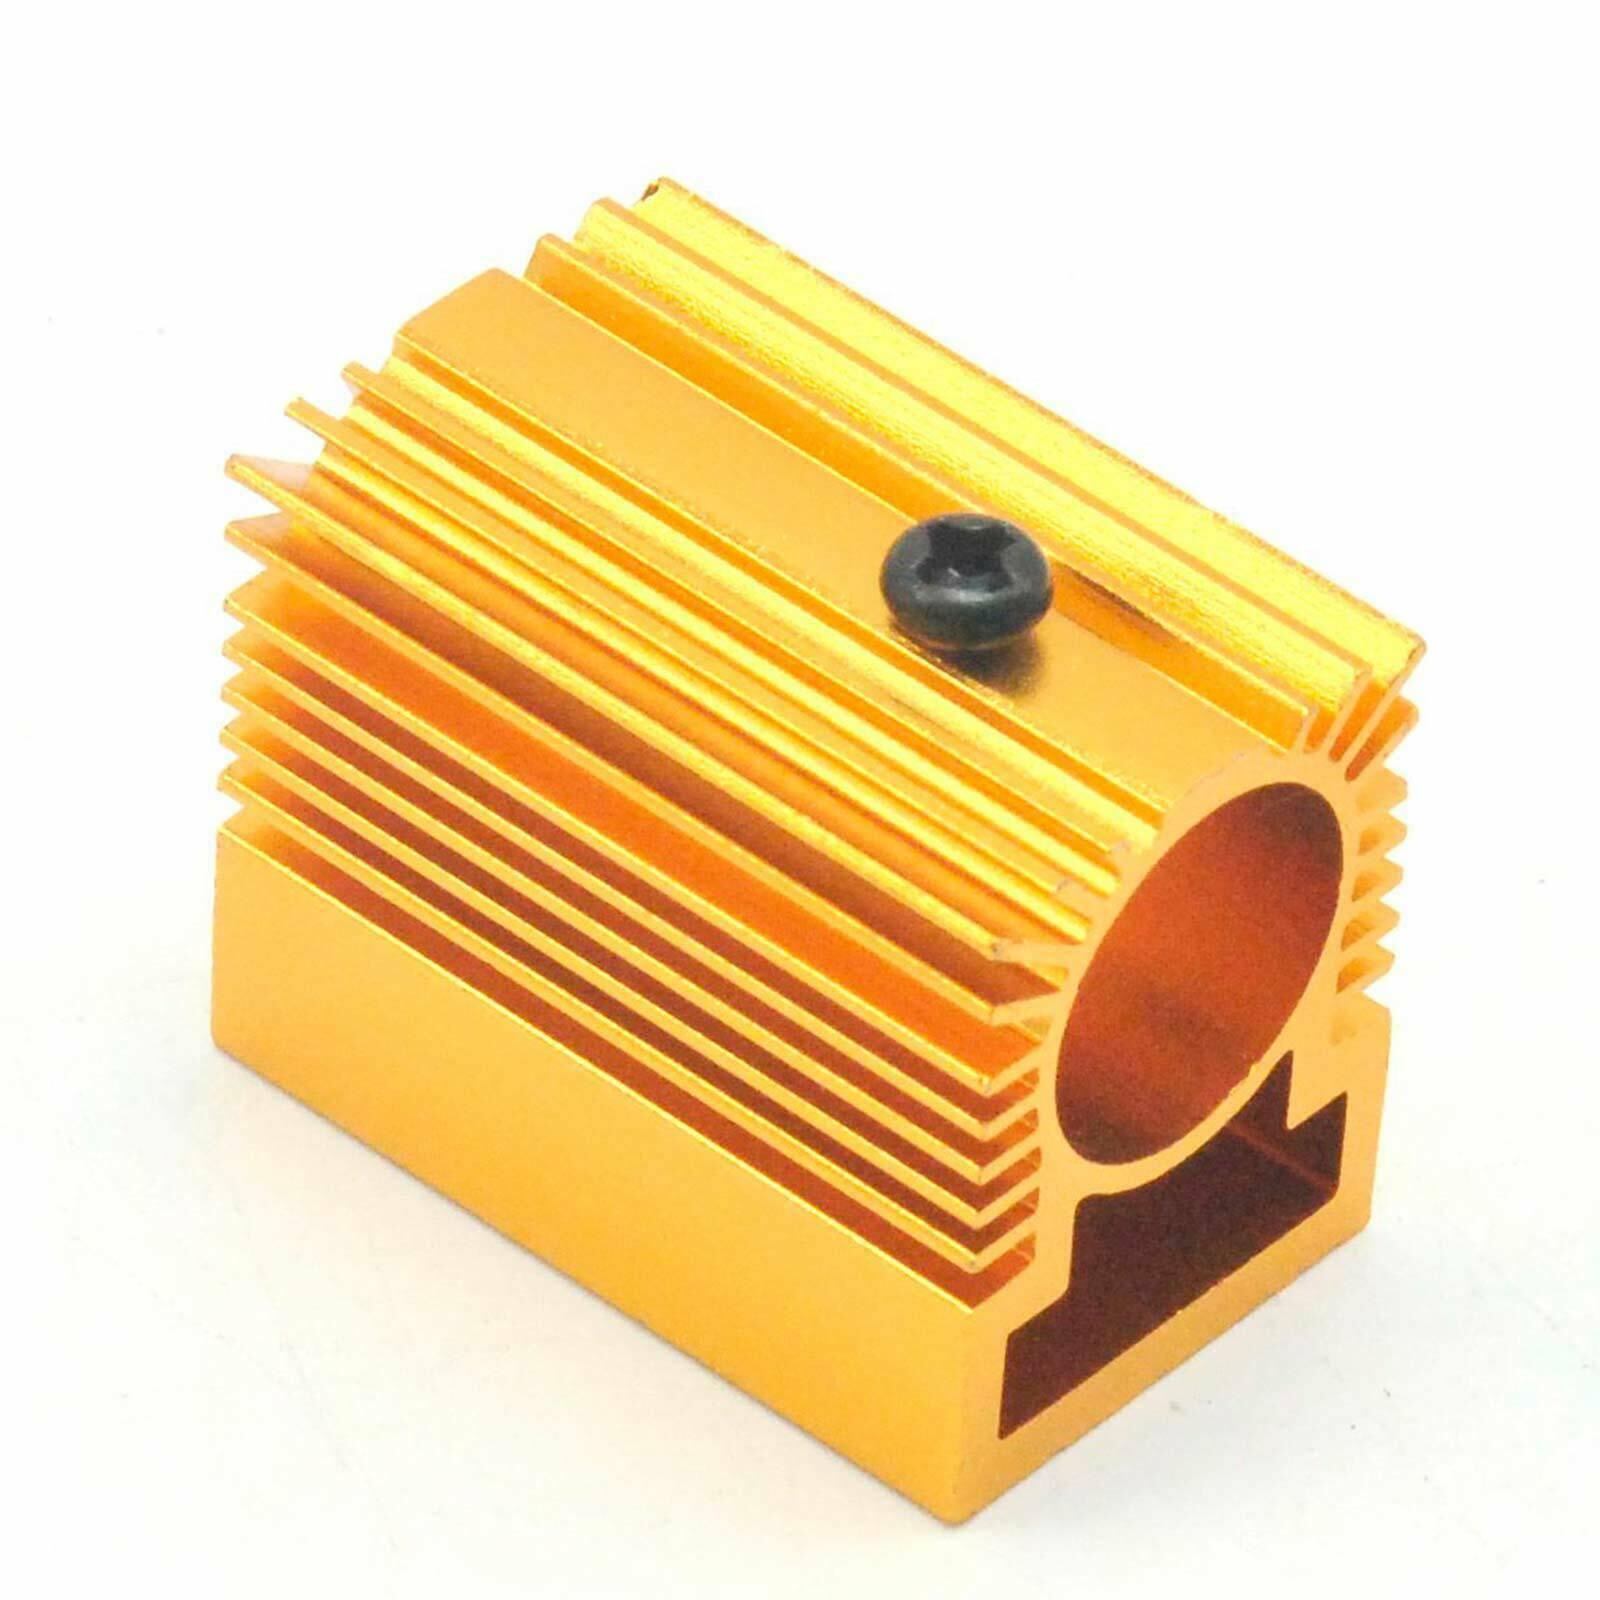 5шт золотой цвет алюминий радиатор радиатор 20x27x50 мм для 12 мм лазер модуль